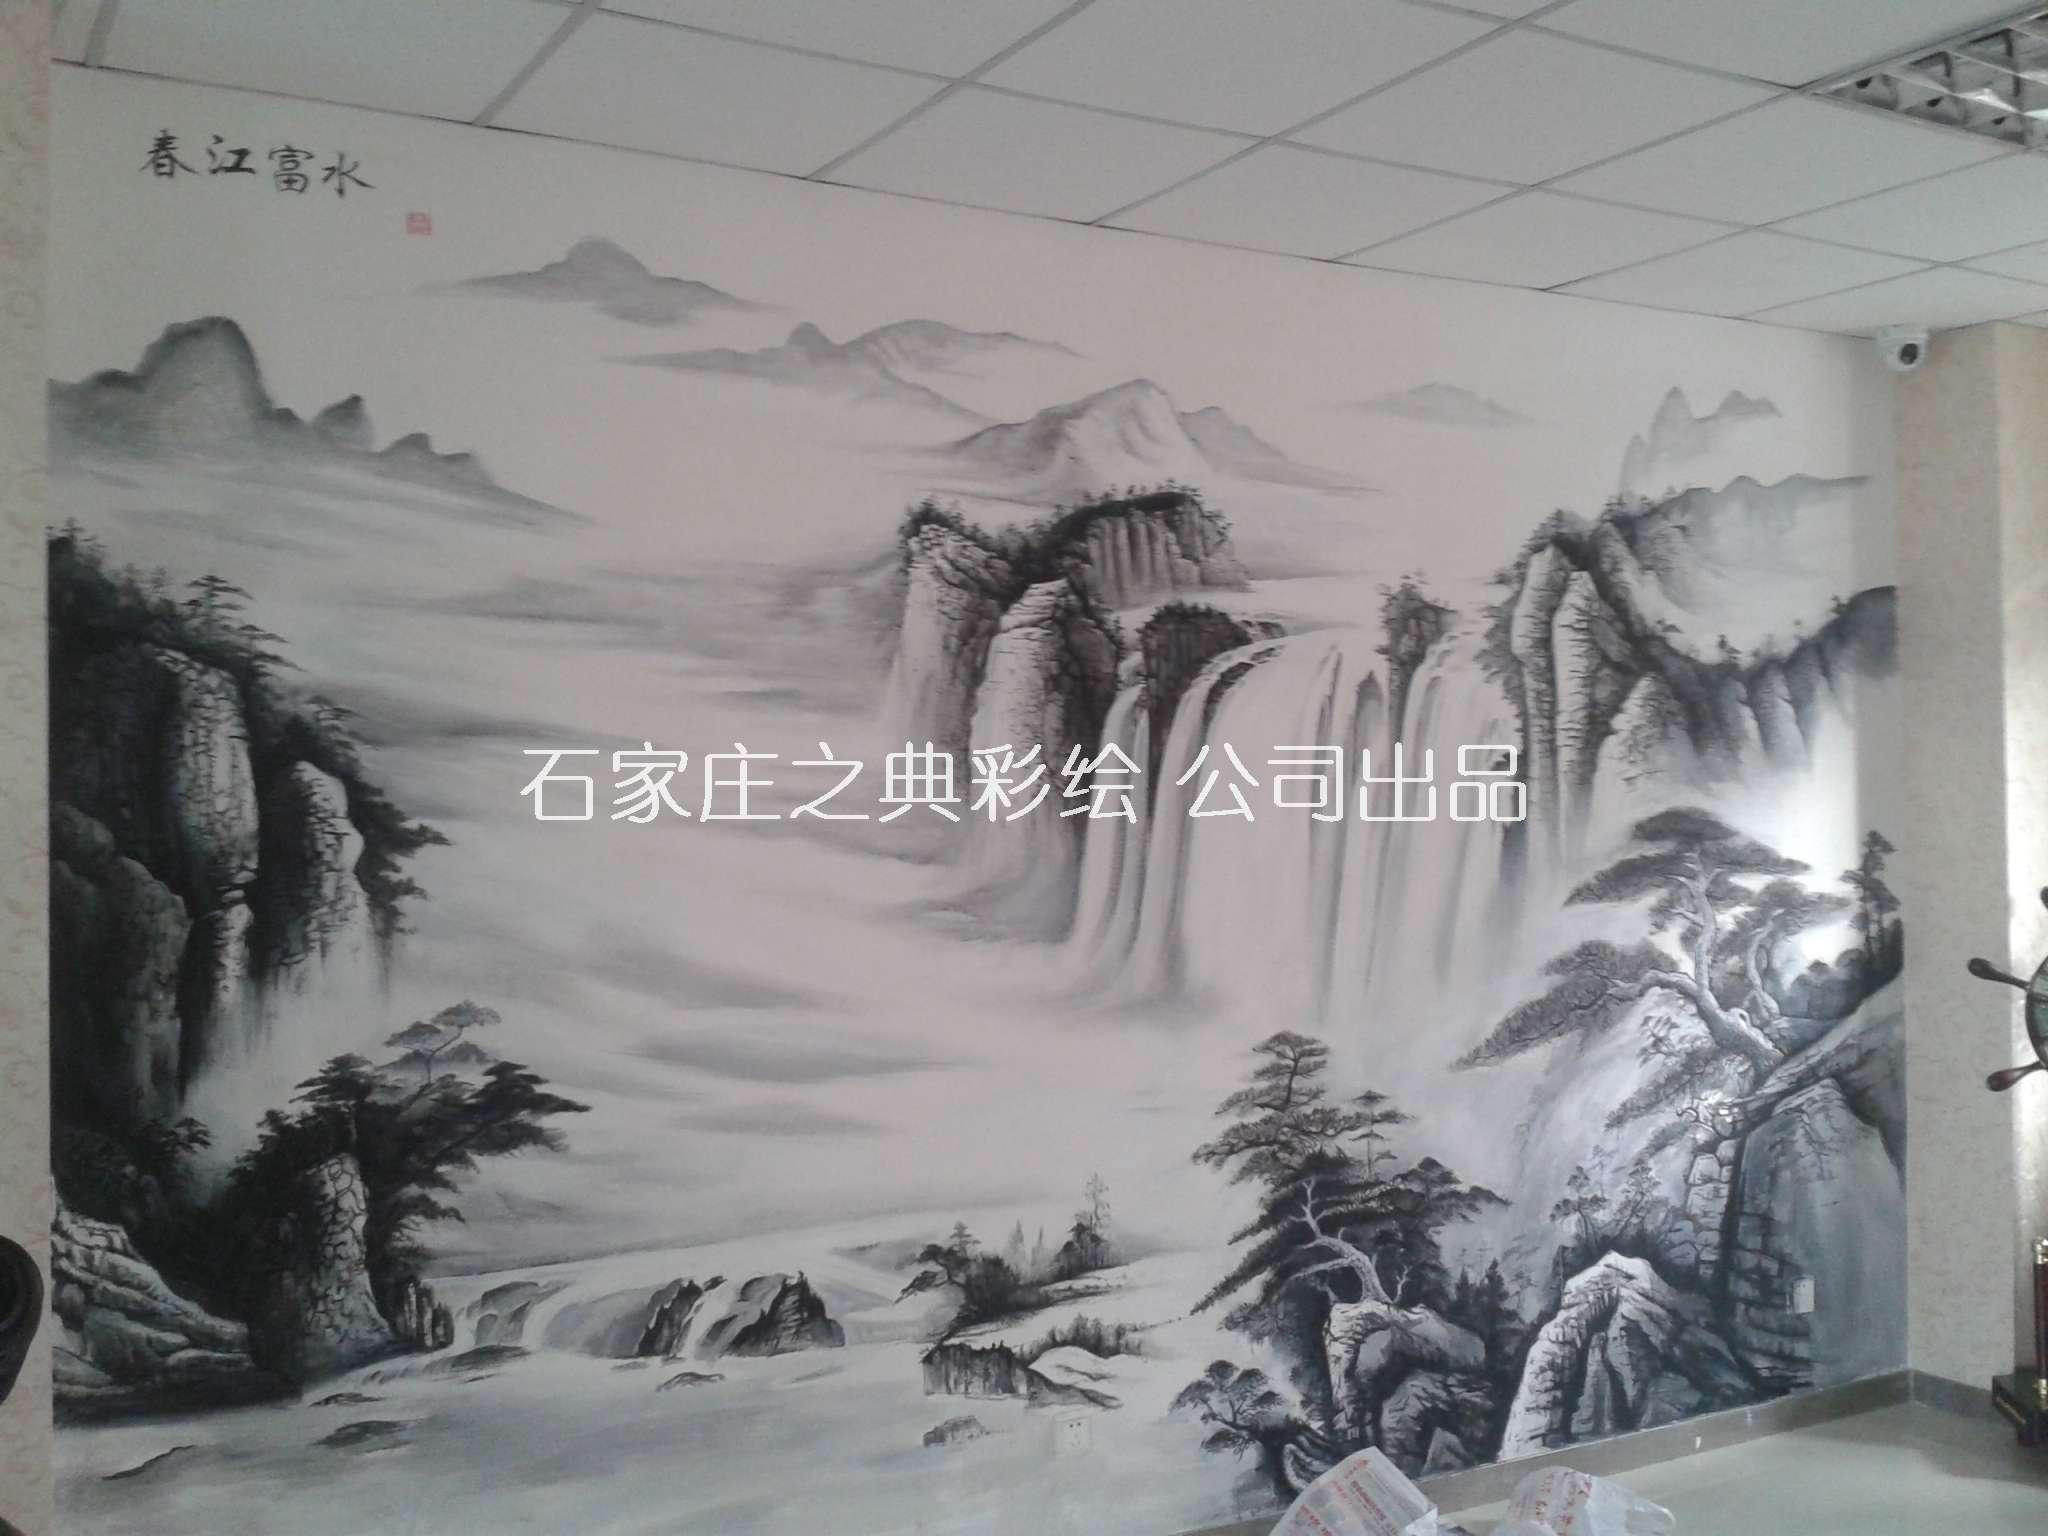 墙体彩绘山水画《春江富水》|手绘背景墙画